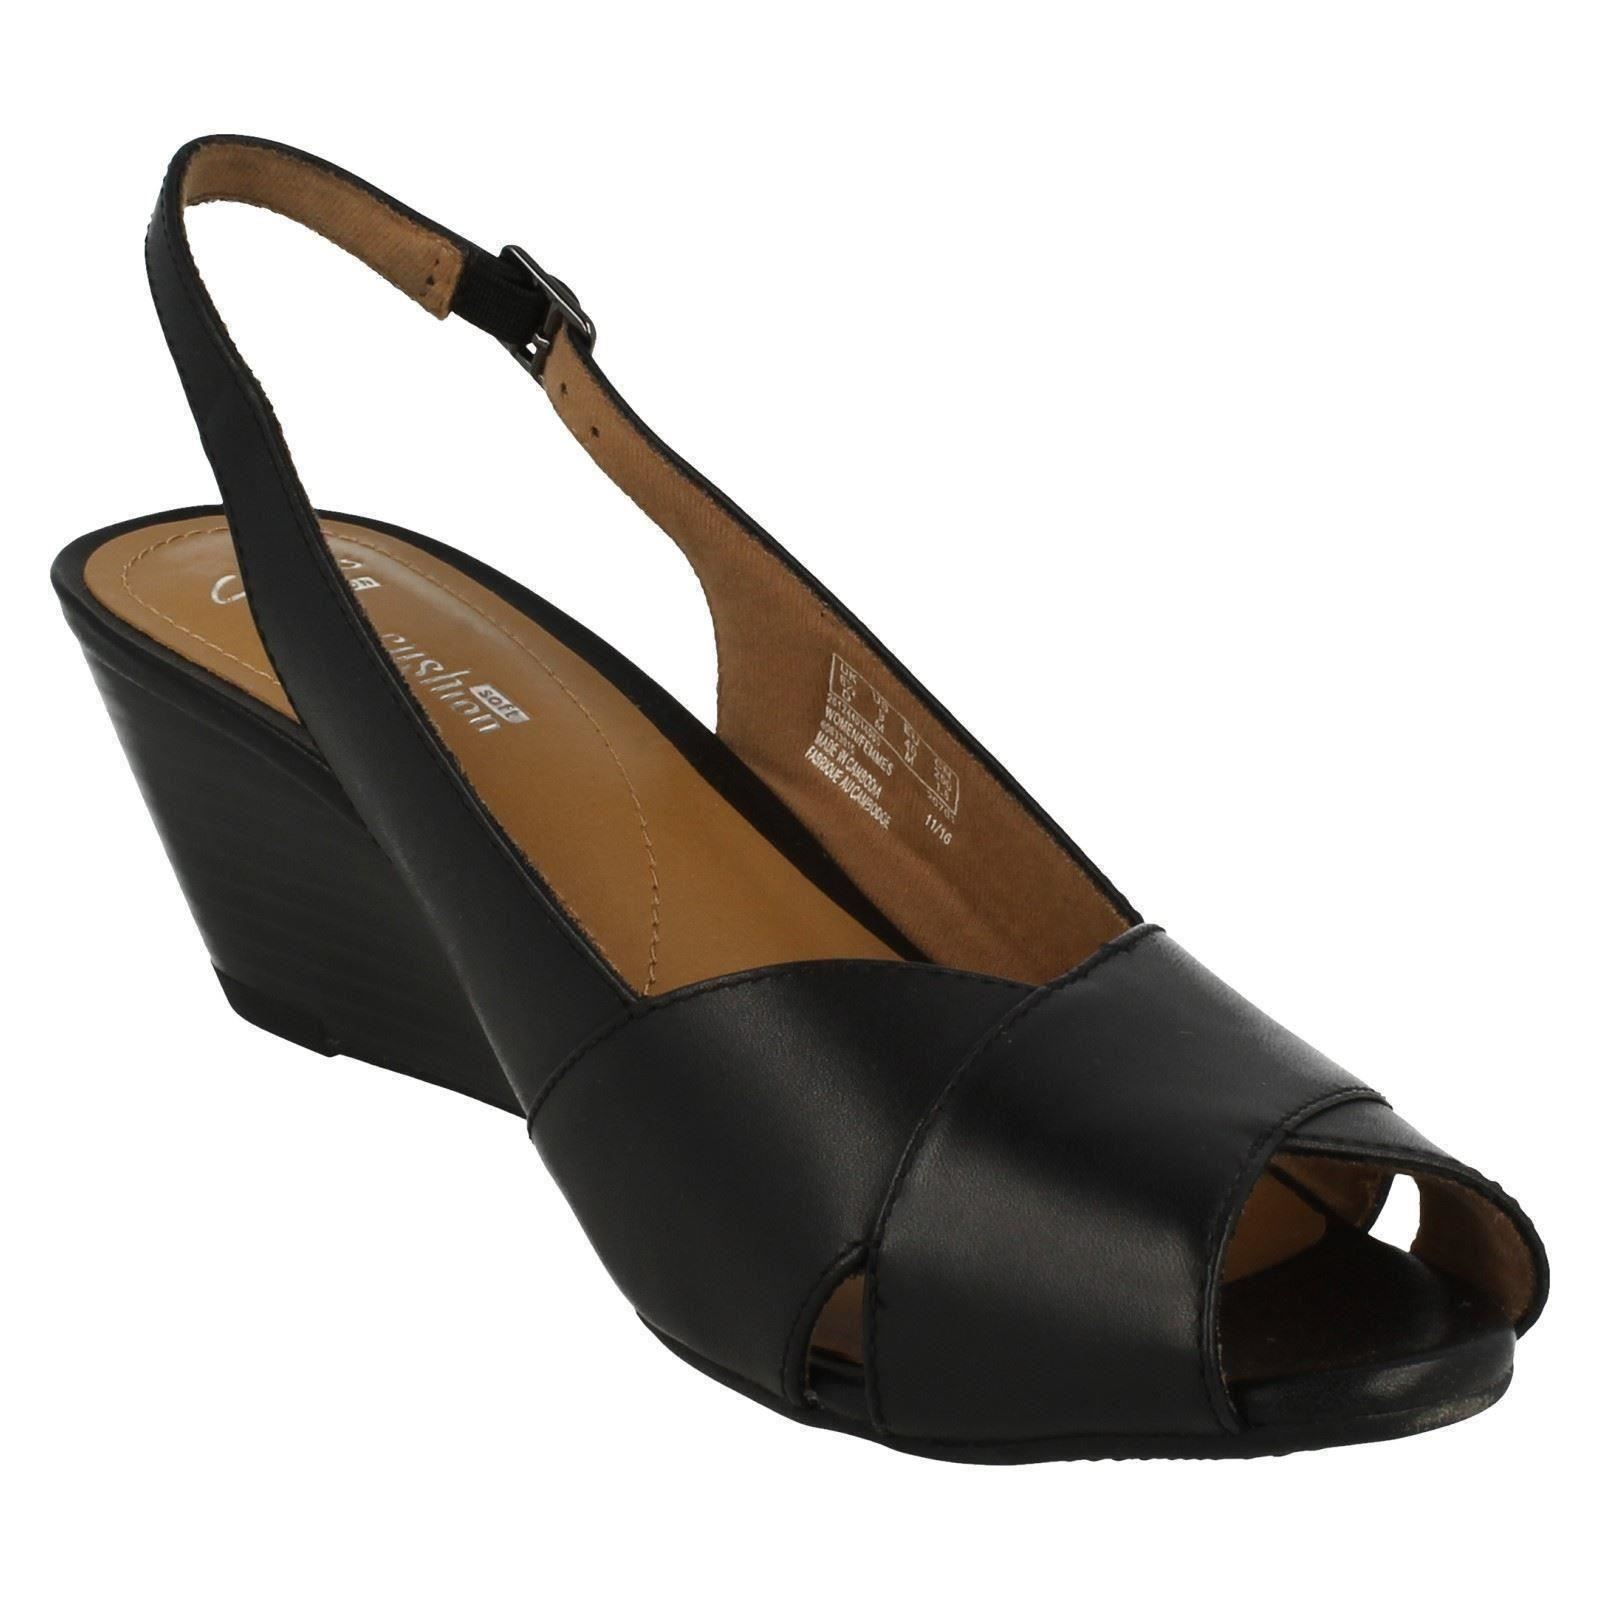 Clarks Brielle Shoes